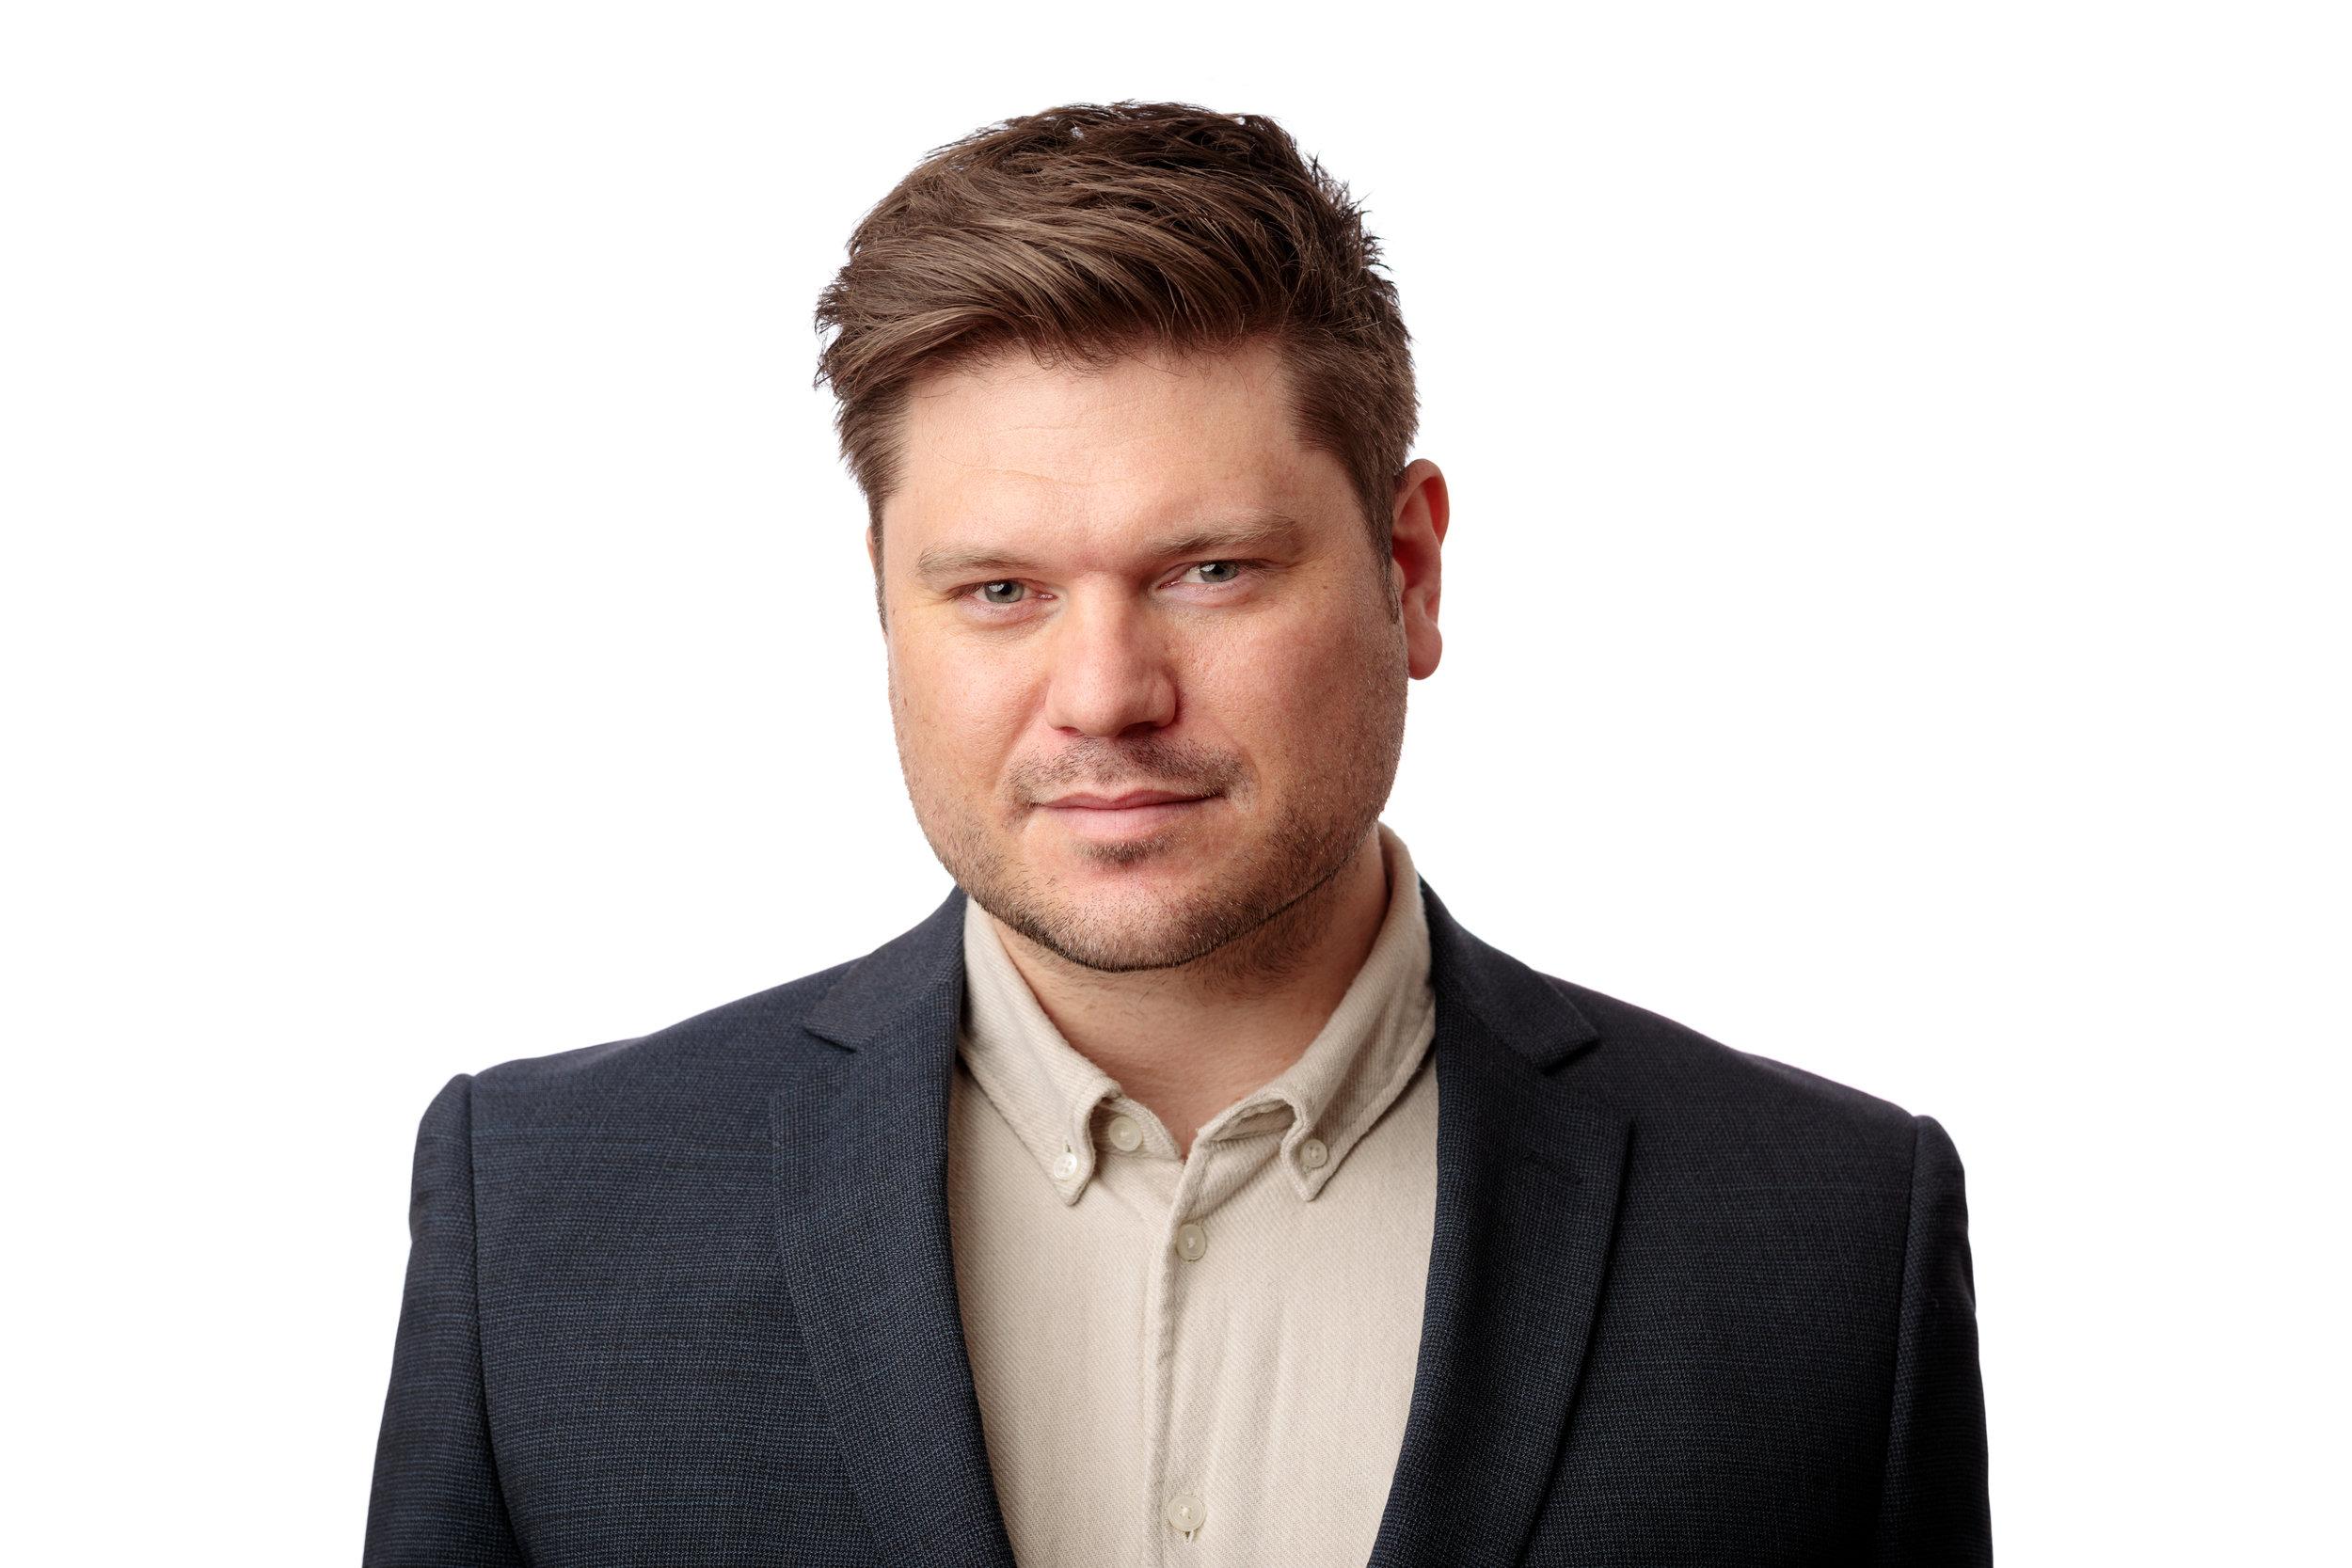 Kim Liljegren - Marknad, produkt- & FörsäljningschefKim har bland annat varit Affärsområdes- & Produktchef för AllTele, Processansvarig för Universal Telecom samt jobbat för Telia.